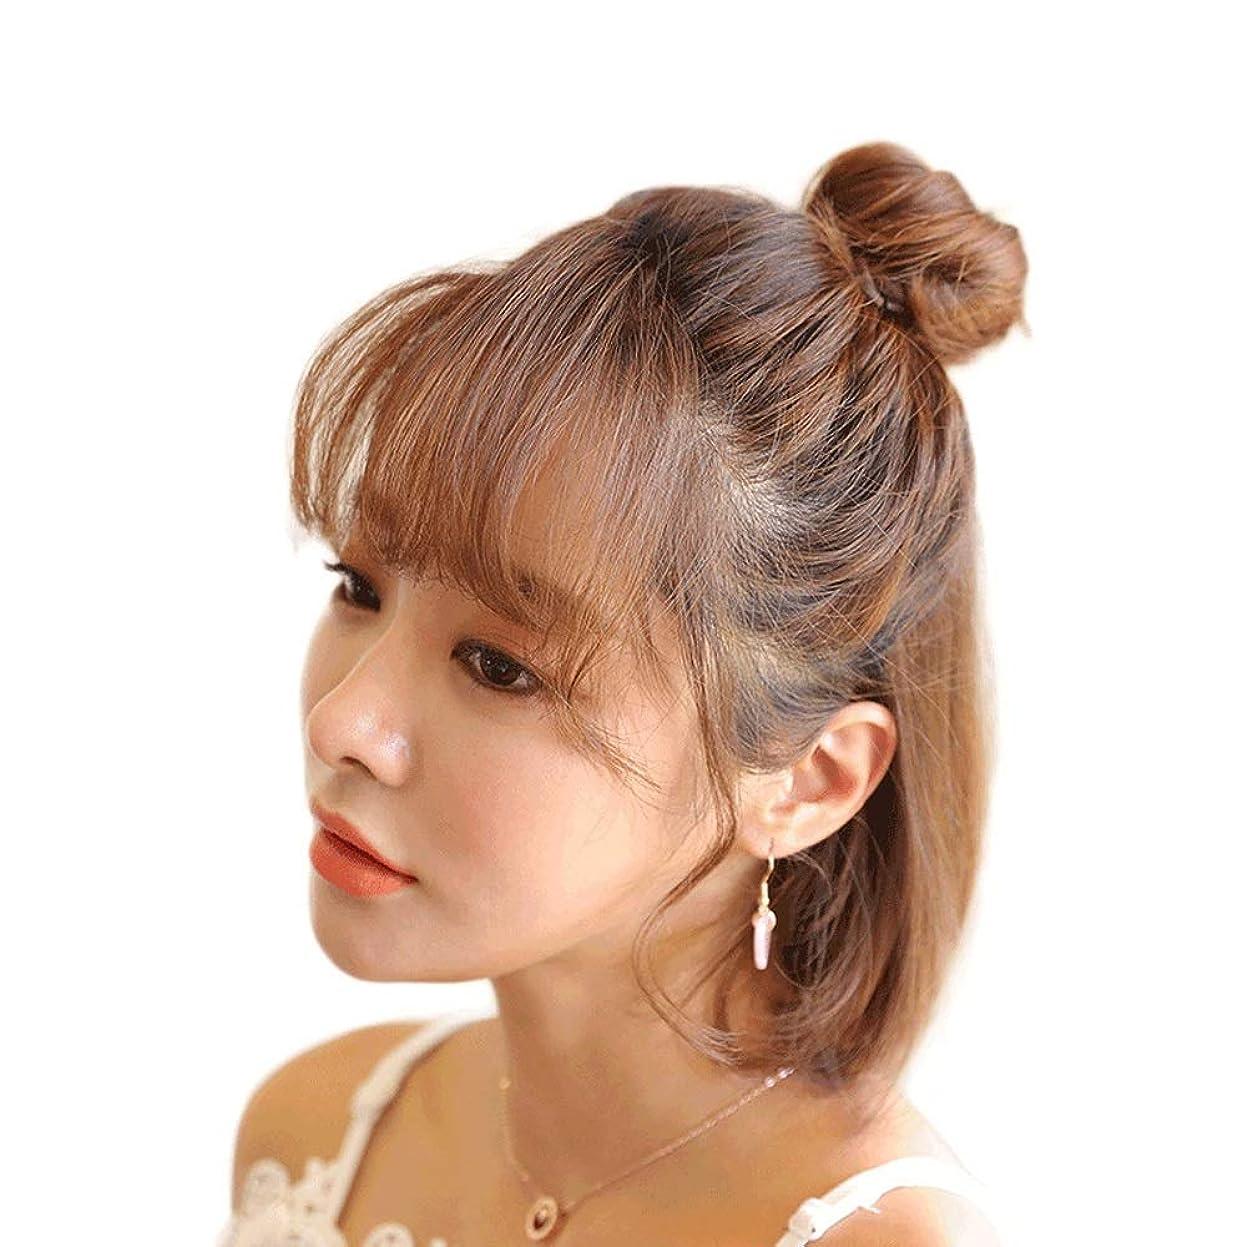 猫背プレミアム粘液SRY-Wigファッション 女性の合成繊維の毛のお団子ドーナツリングブロンドの毛延長ファッションかつらブラウン